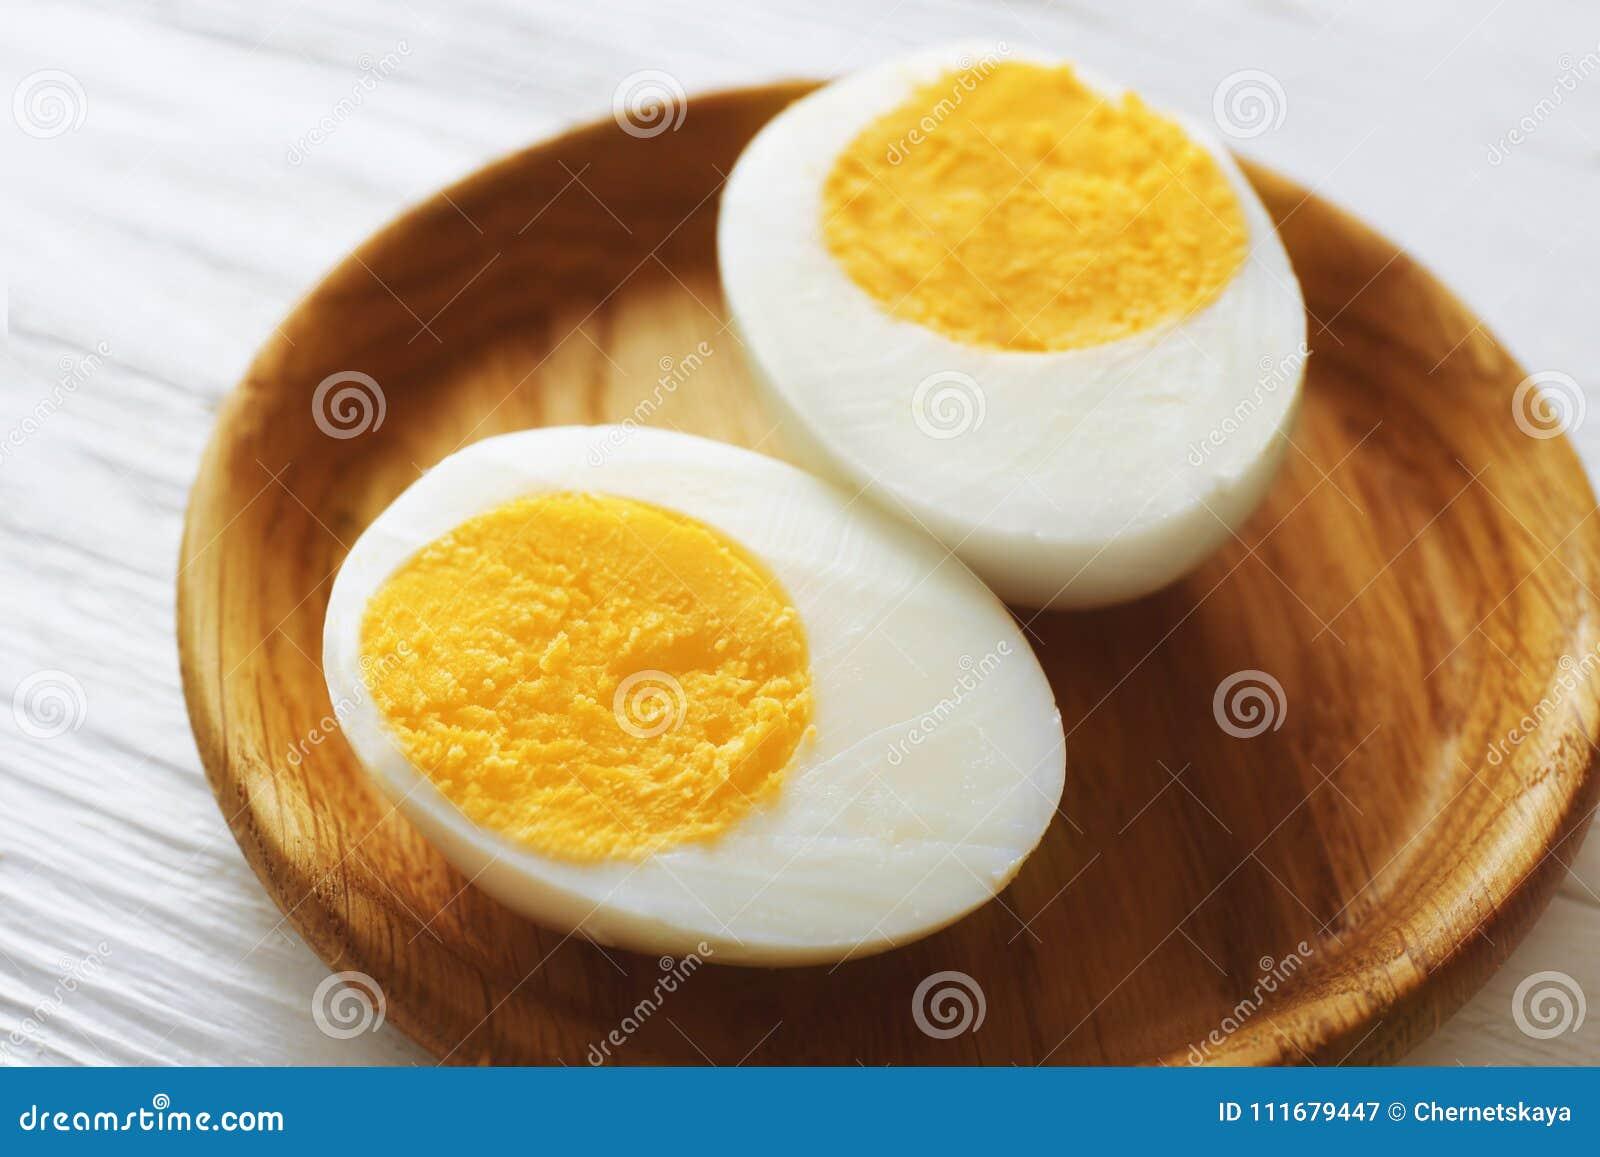 Vassoio di legno con l uovo sodo affettato sulla tavola bianca